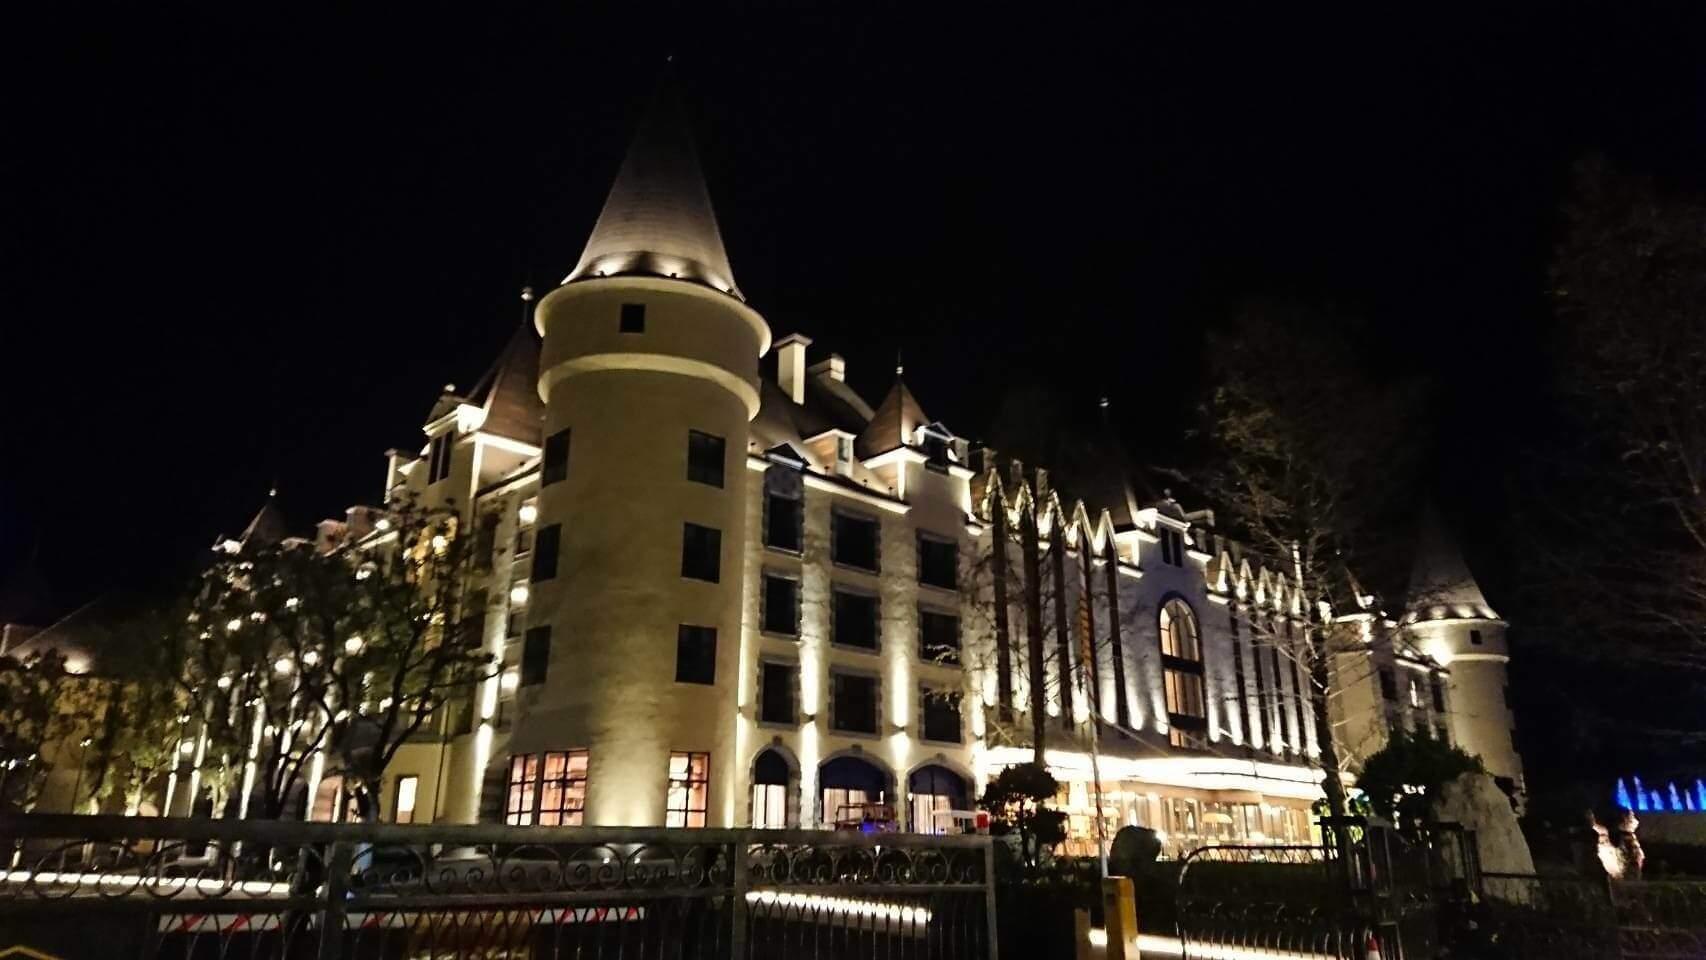 【花蓮食記】瑞穗春天酒店–置身於歐式城堡,僅存氣氛的自助式吃到飽